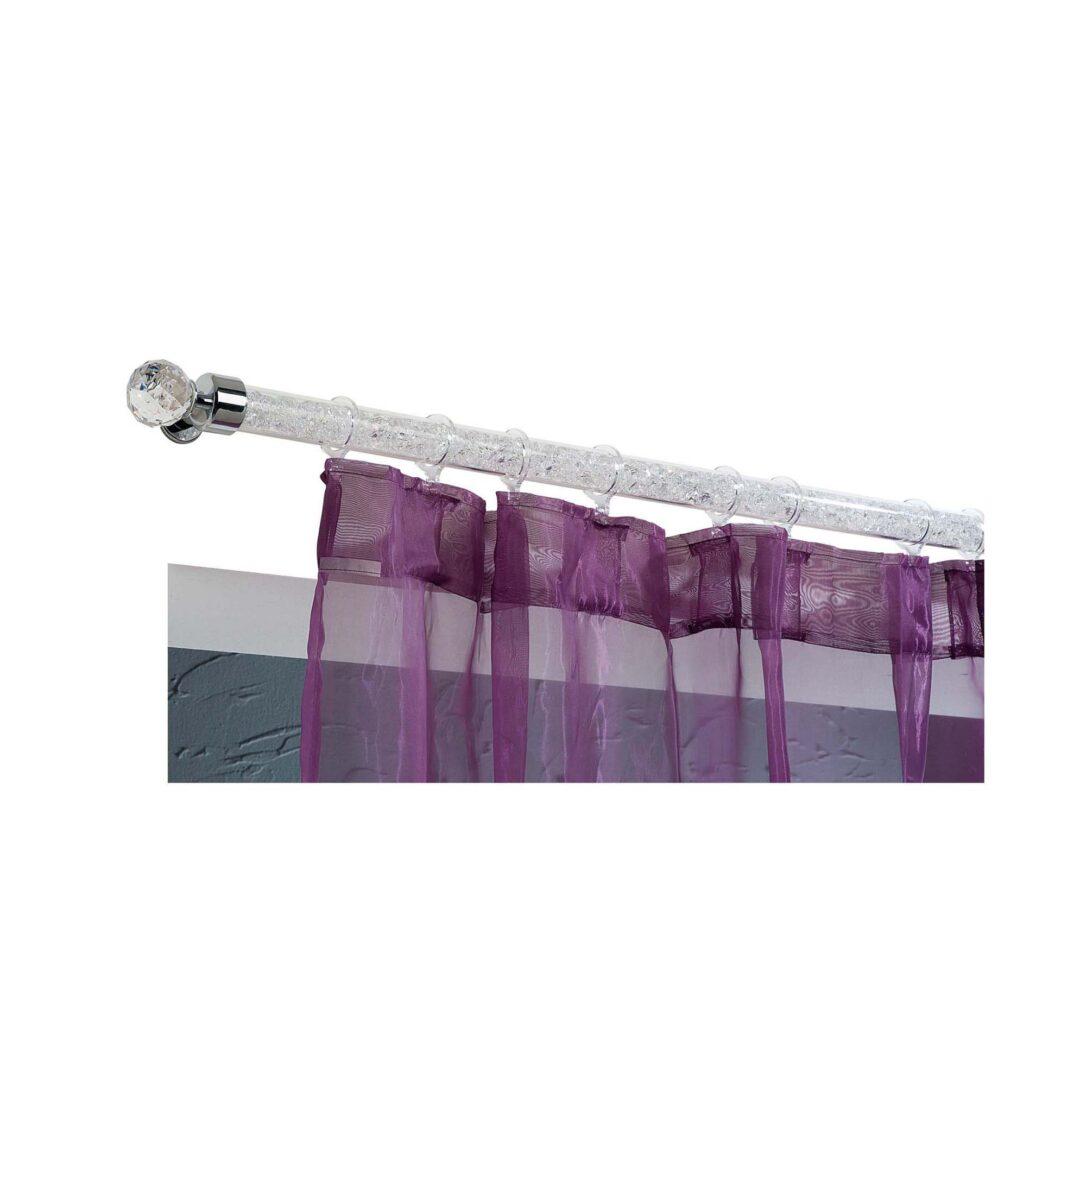 Bastoni Tende Plexiglass Strass Asfour cm. 115 - La Luce del Futuro